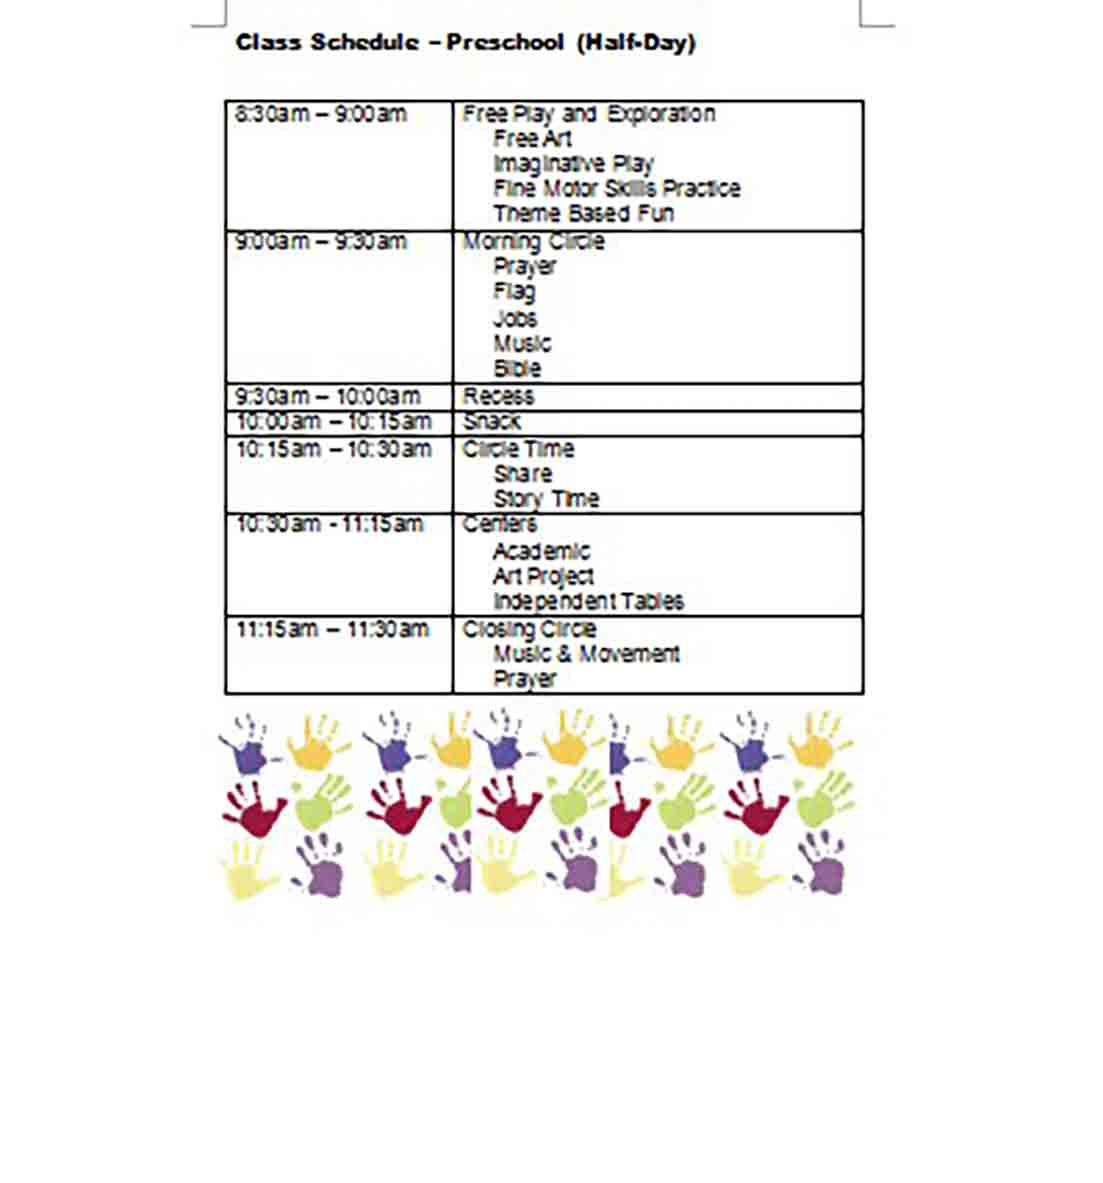 Preschool Class Schedule